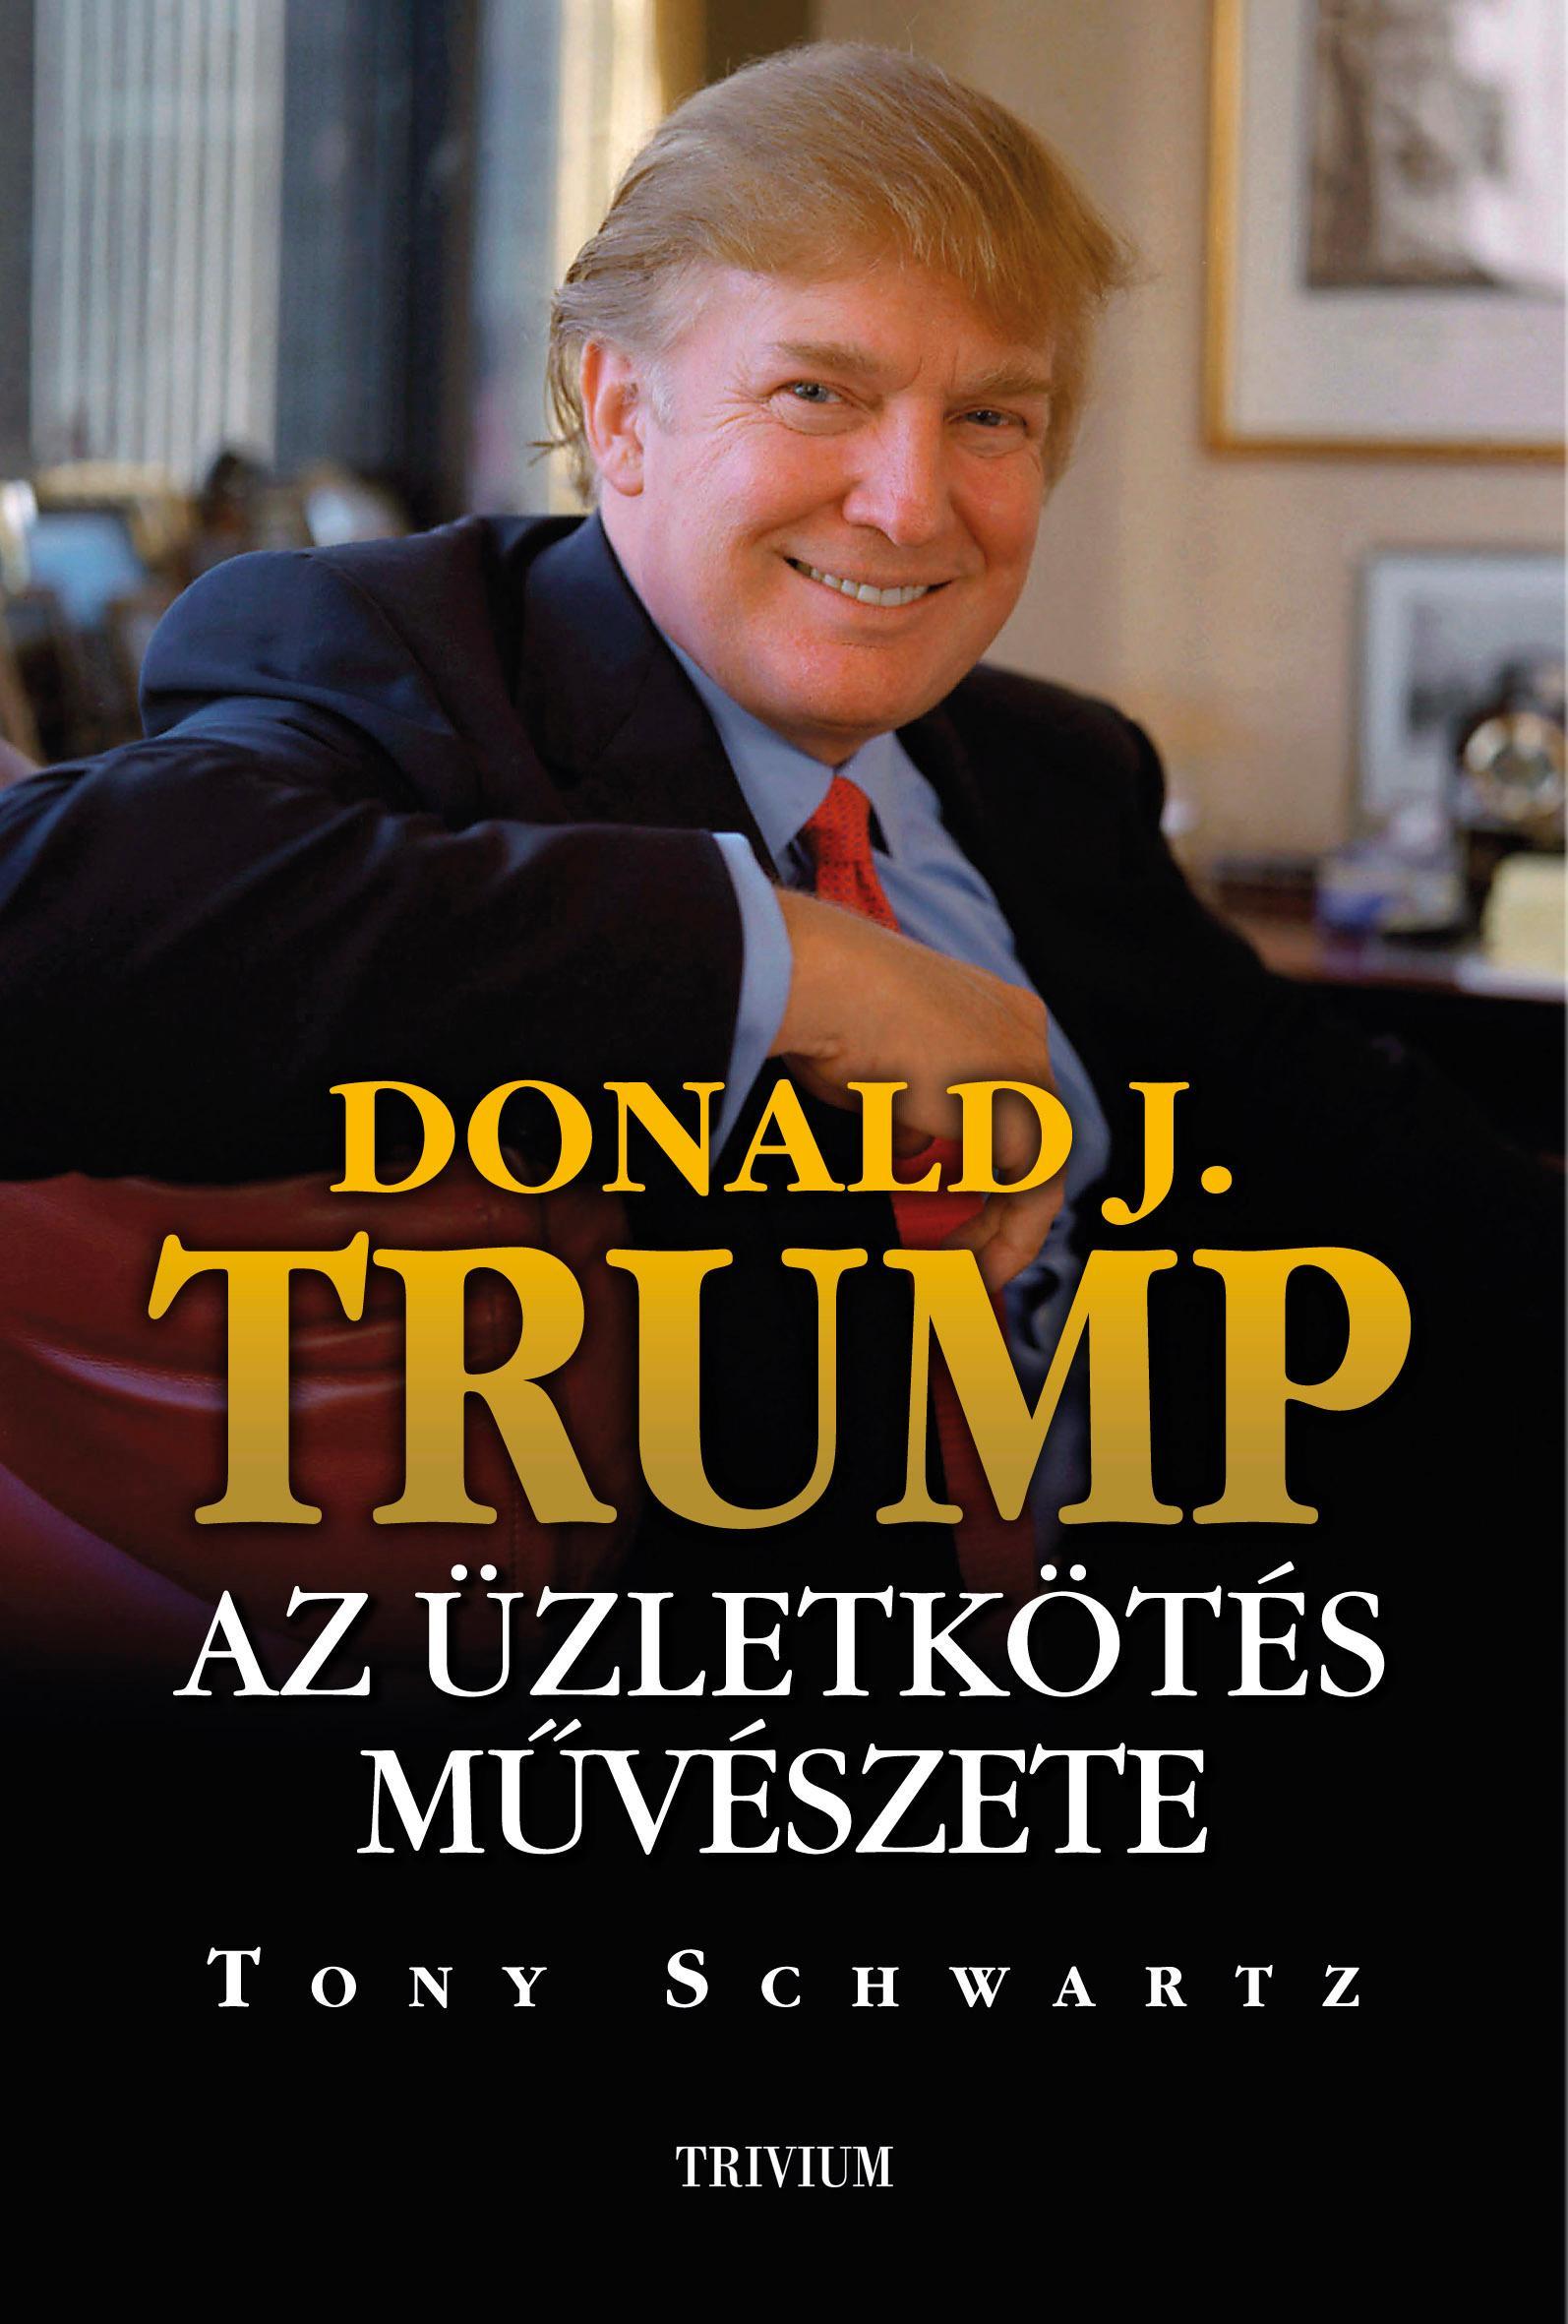 DONALD J. TRUMP - AZ ÜZLETKÖTÉS MŰVÉSZETE